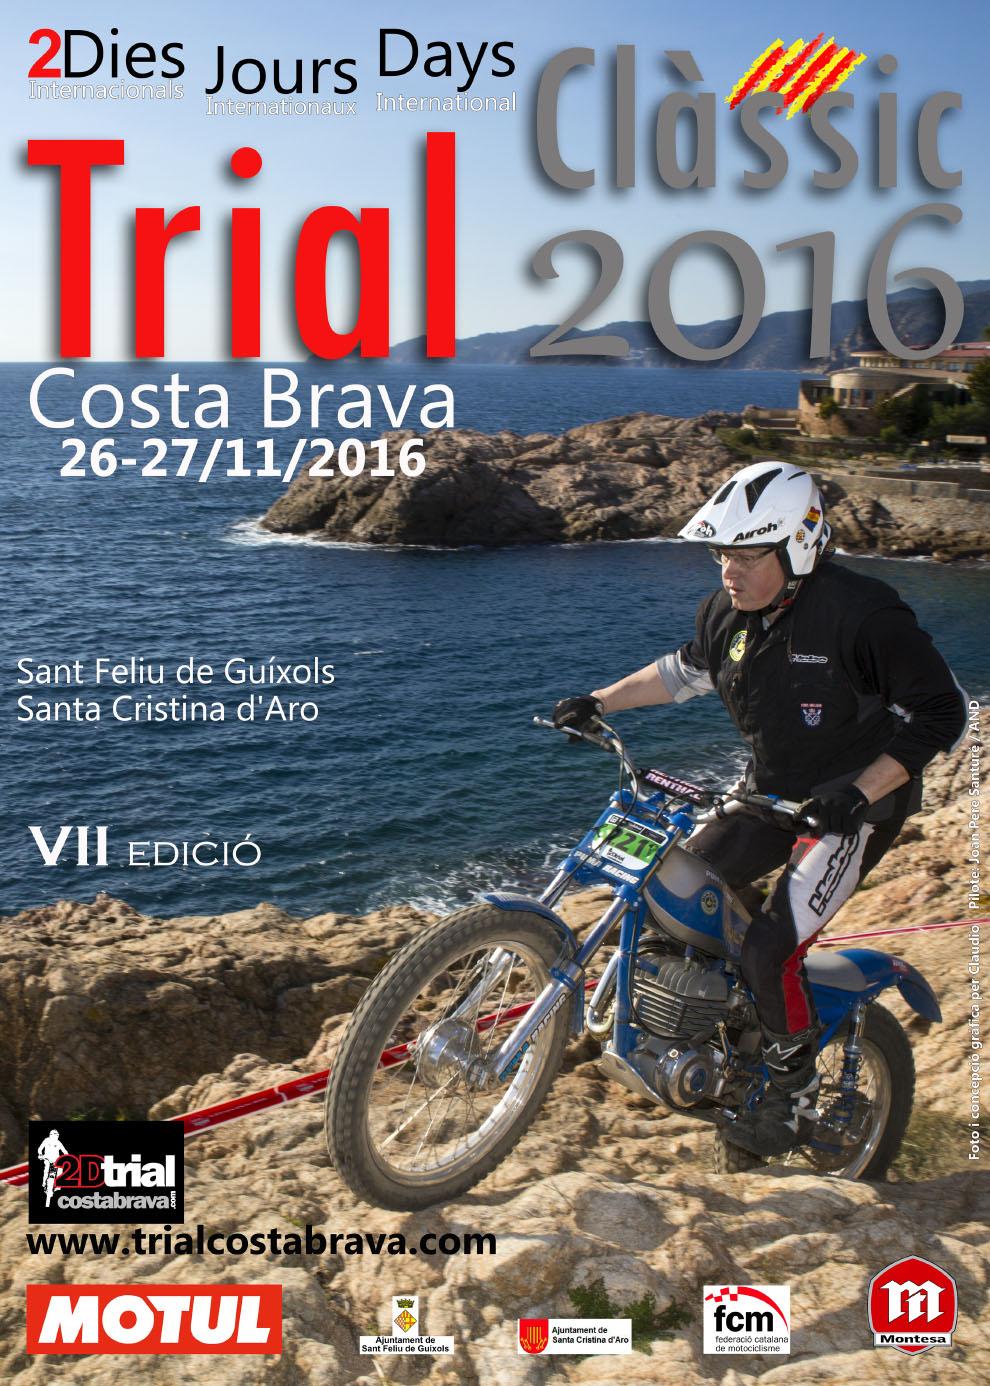 2 dies de Trial Clàssic Costa Brava 2016. (26 i 27 de novembre)